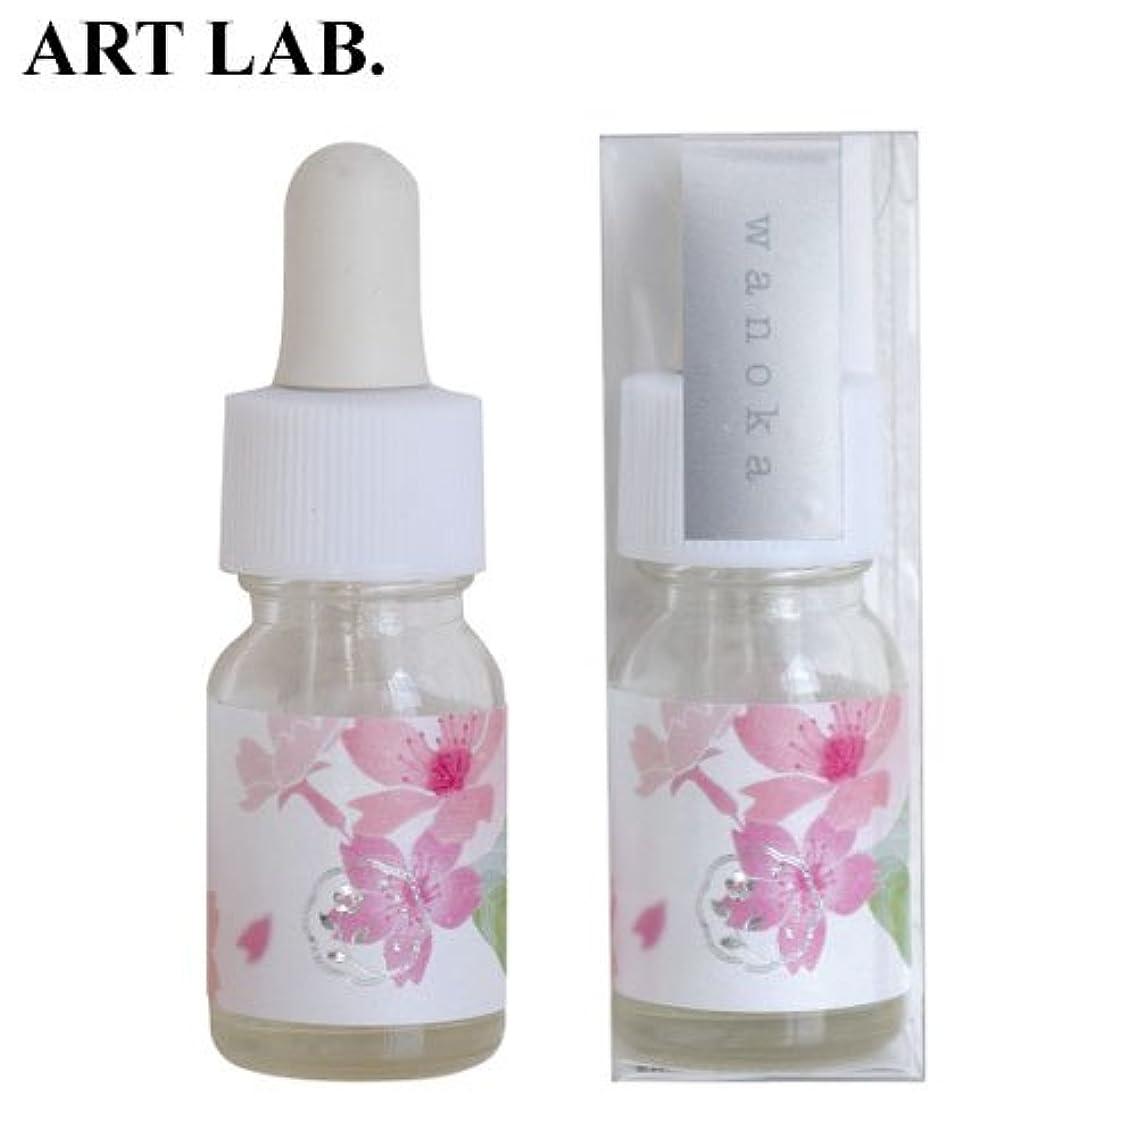 馬鹿げた雰囲気ママwanoka香油アロマオイル桜《桜をイメージした甘い香り》ART LABAromatic oil